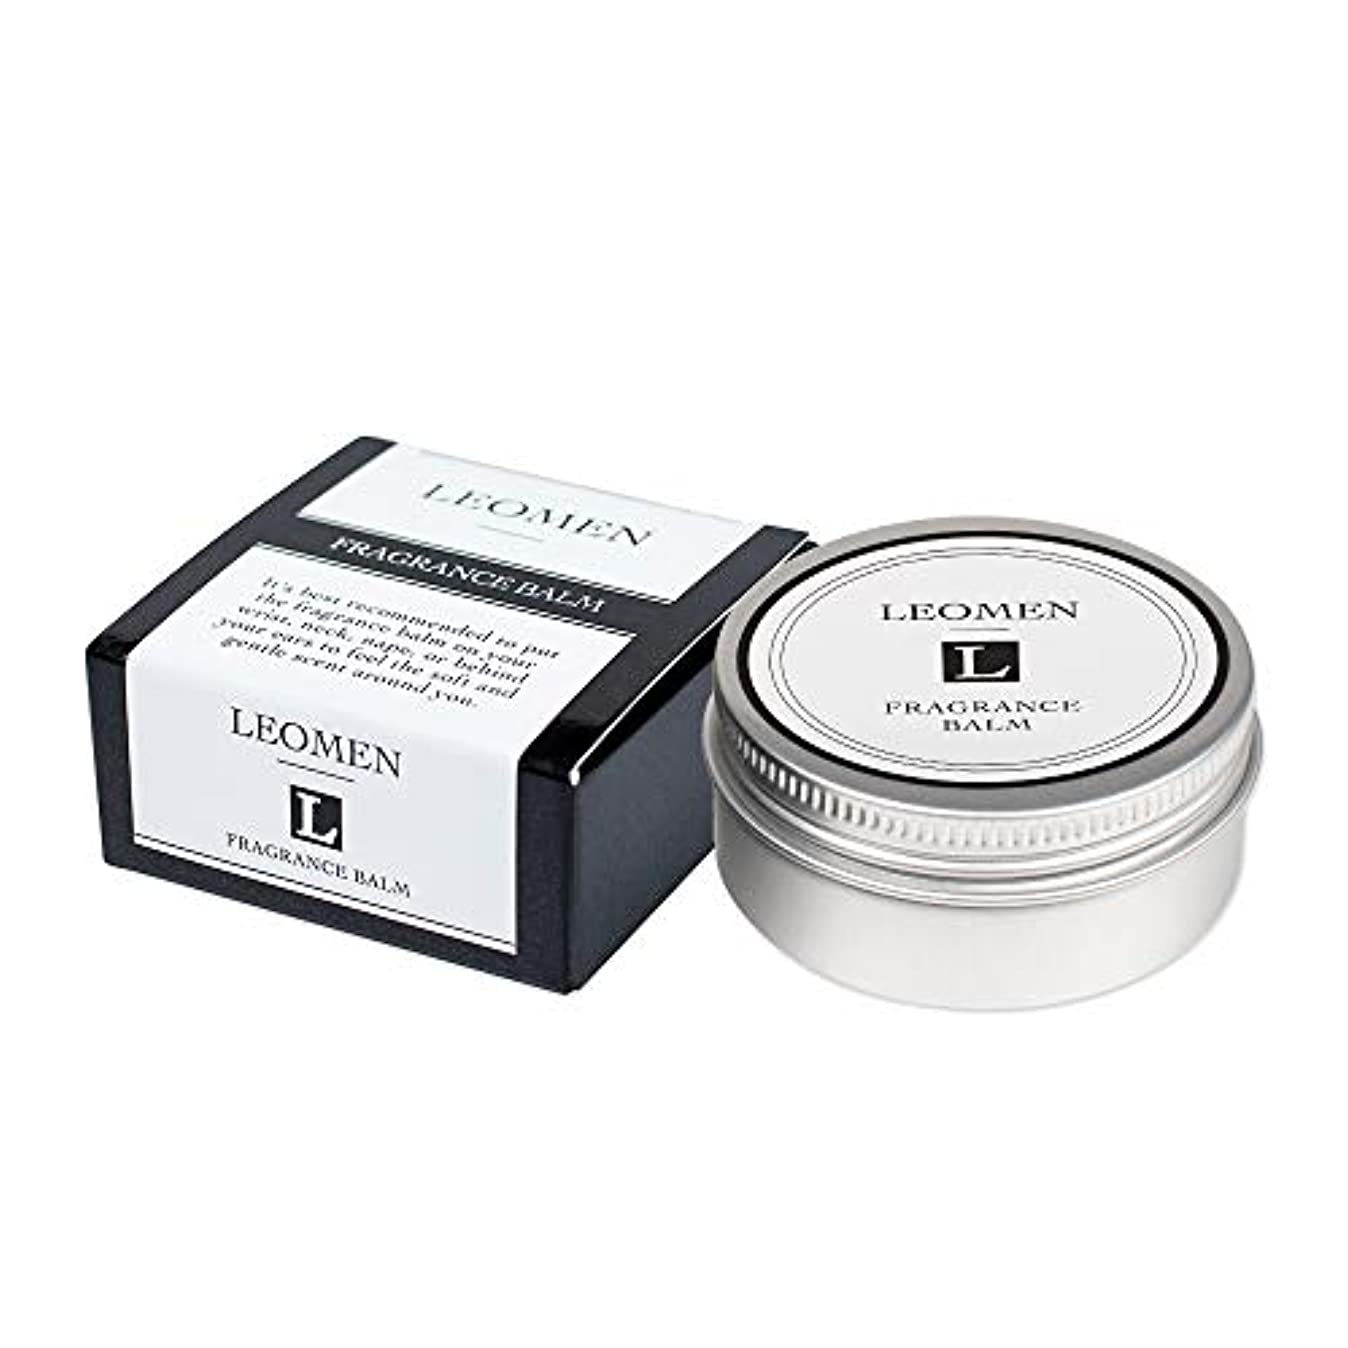 評価する新鮮な科学的LEOMEN メンズ 練り香水 フレグランスバーム 40g (さりげない爽やかな シトラスグルーミング の香り) パヒュームクリーム 練香水 香水 香水クリーム ボディクリーム ハンドクリーム